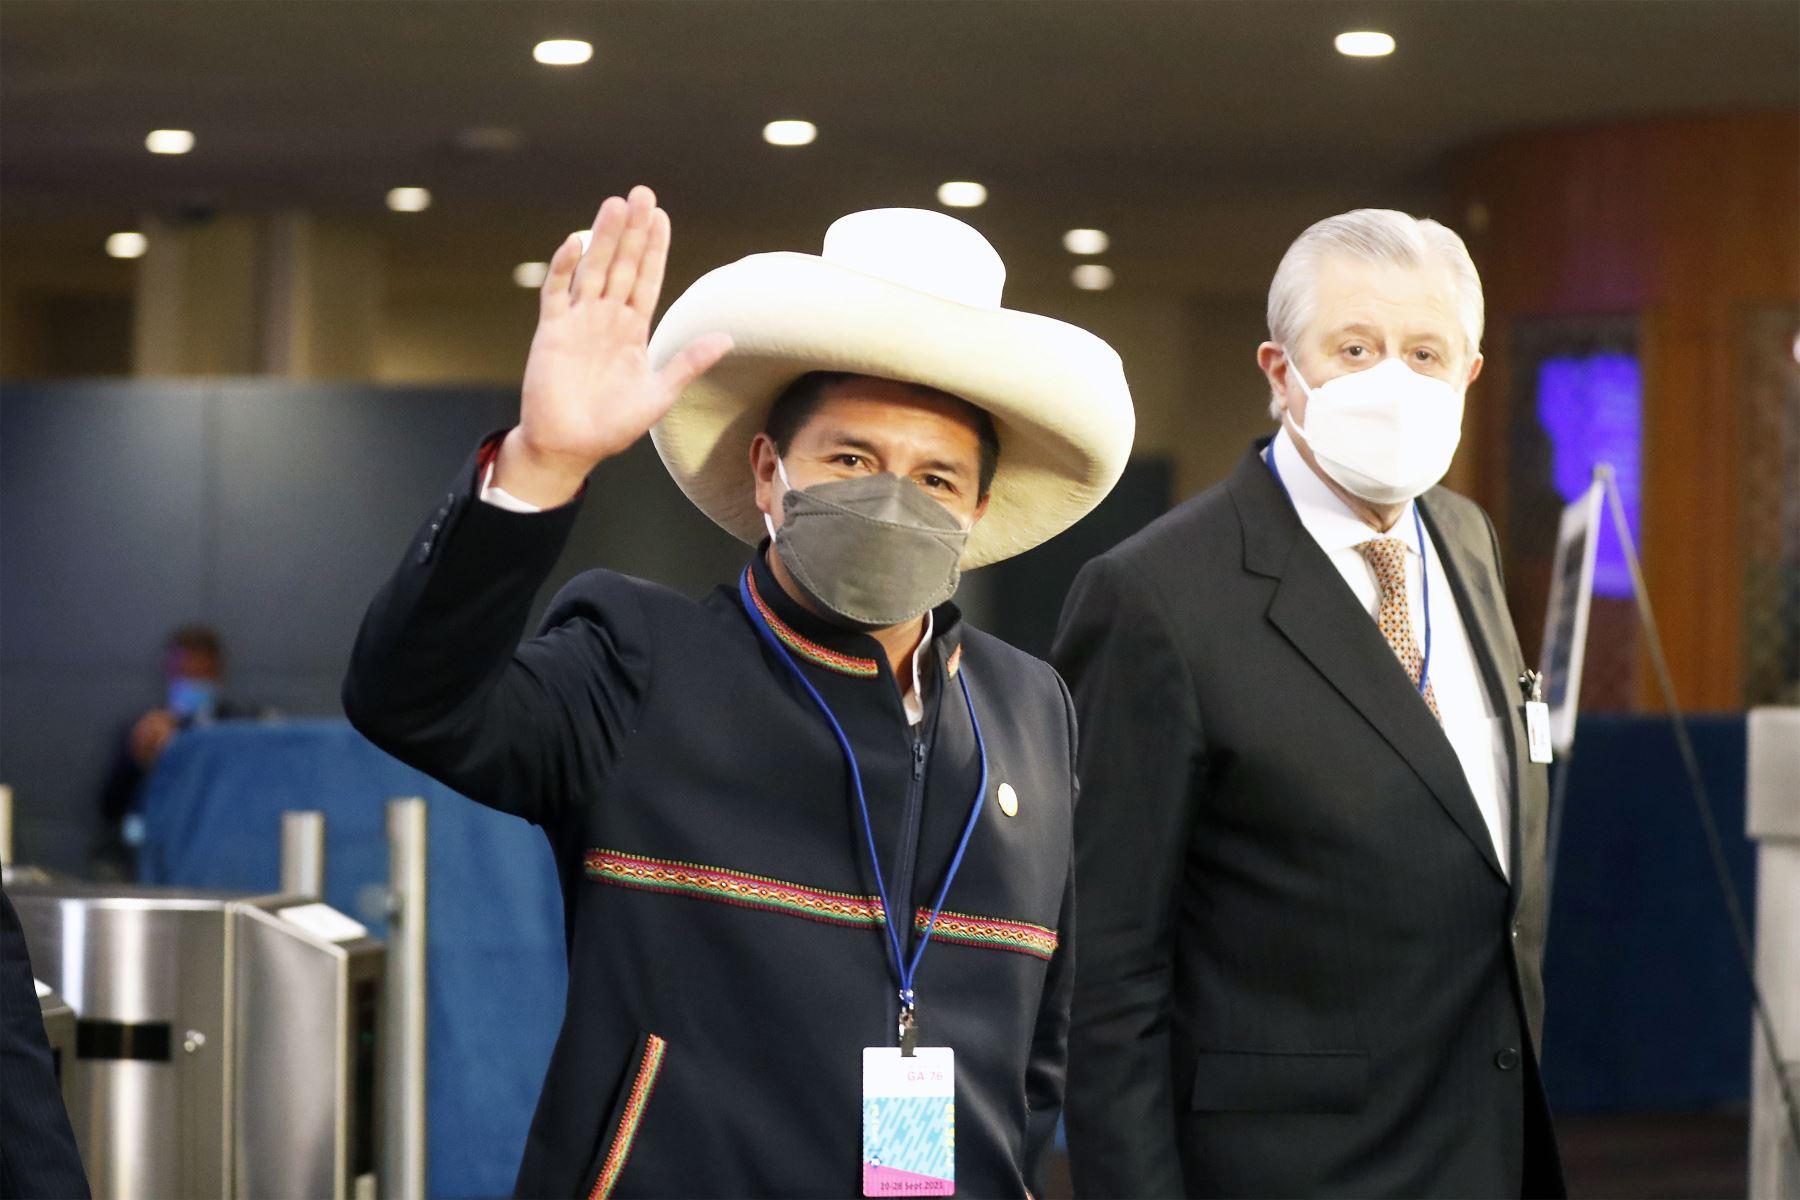 El presidente de la República, Pedro Castillo, asiste a la Asamblea General de las Naciones Unidas. Foto: ANDINA/ Prensa Presidencia